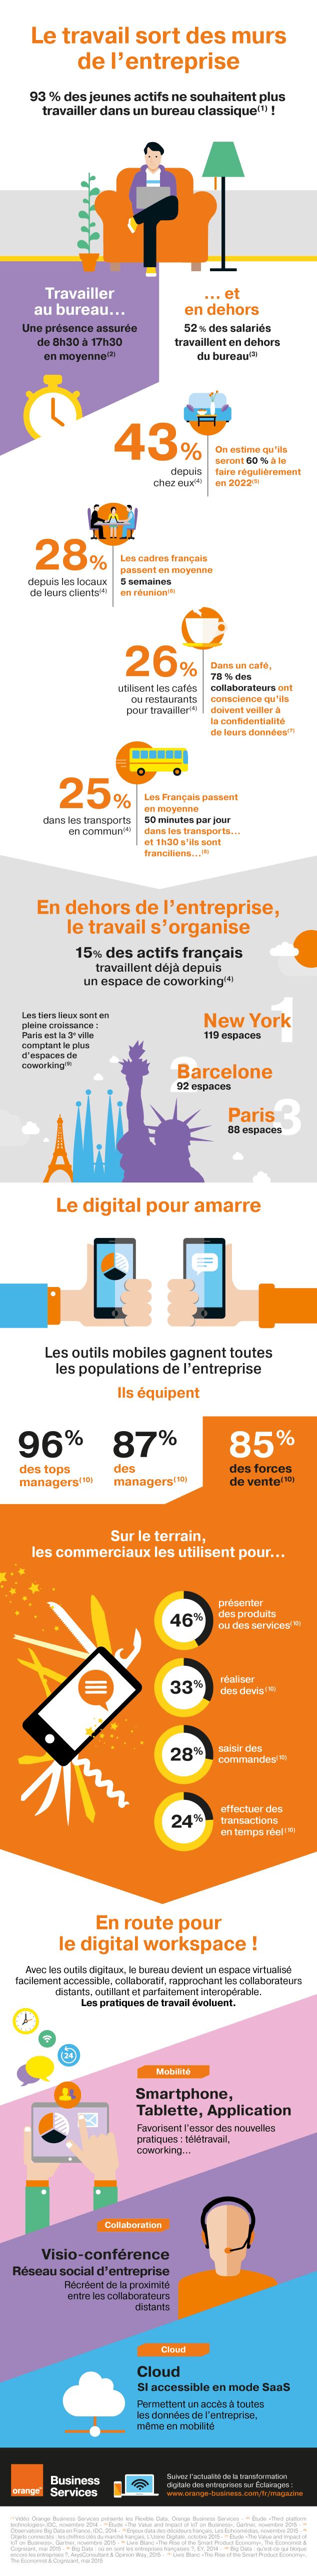 Infographie sur la mobilité